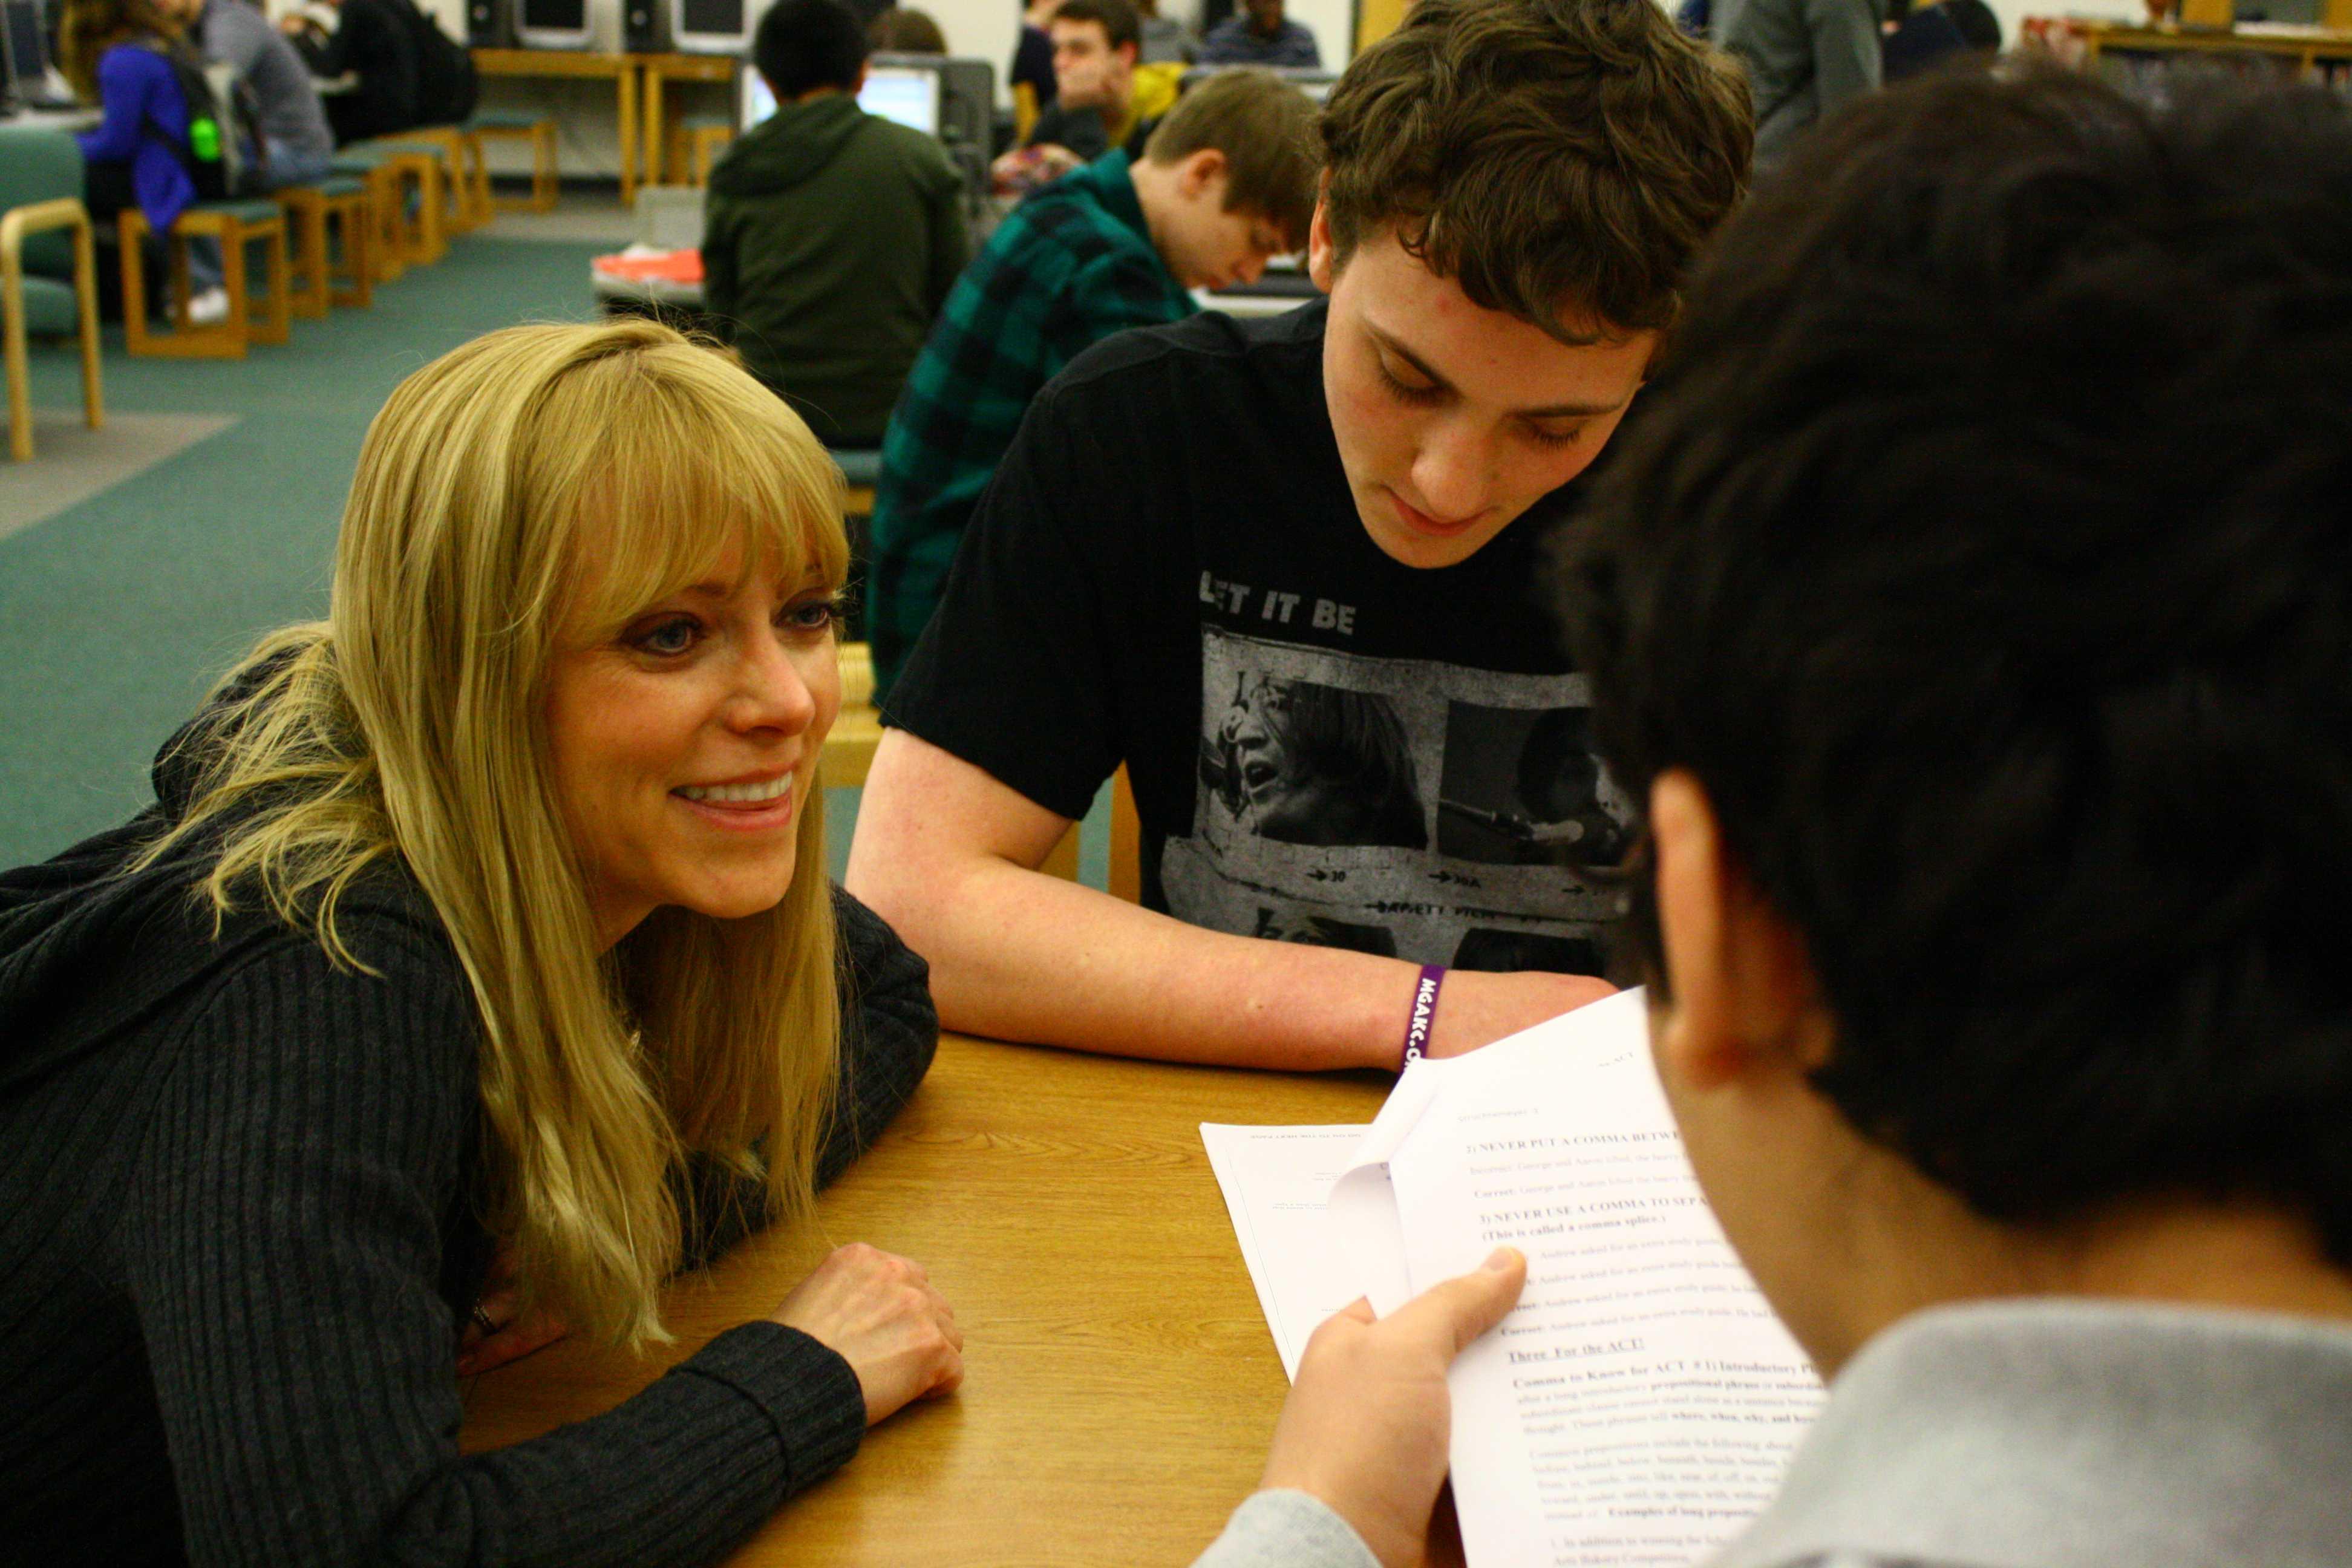 Gwen Struchtemeyer helps students with